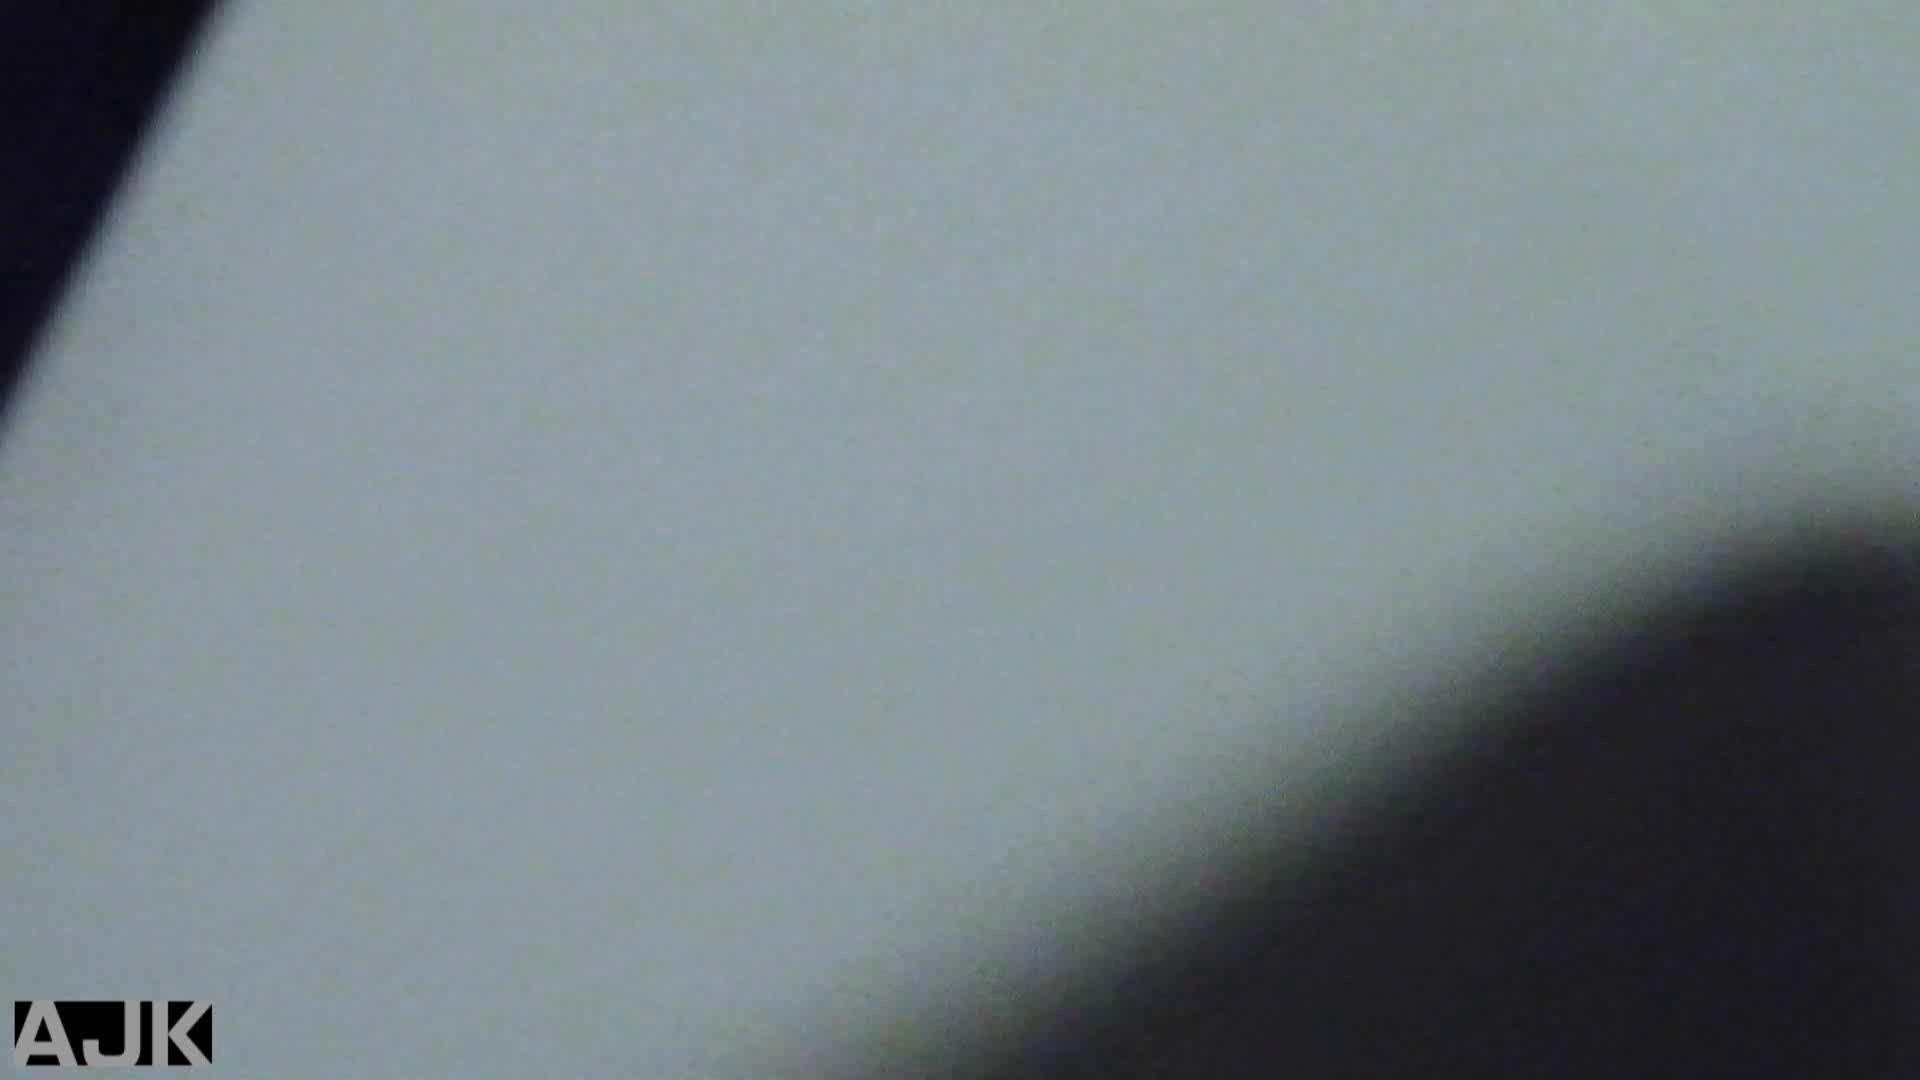 神降臨!史上最強の潜入かわや! vol.30 肛門編 エロ無料画像 110PIX 59